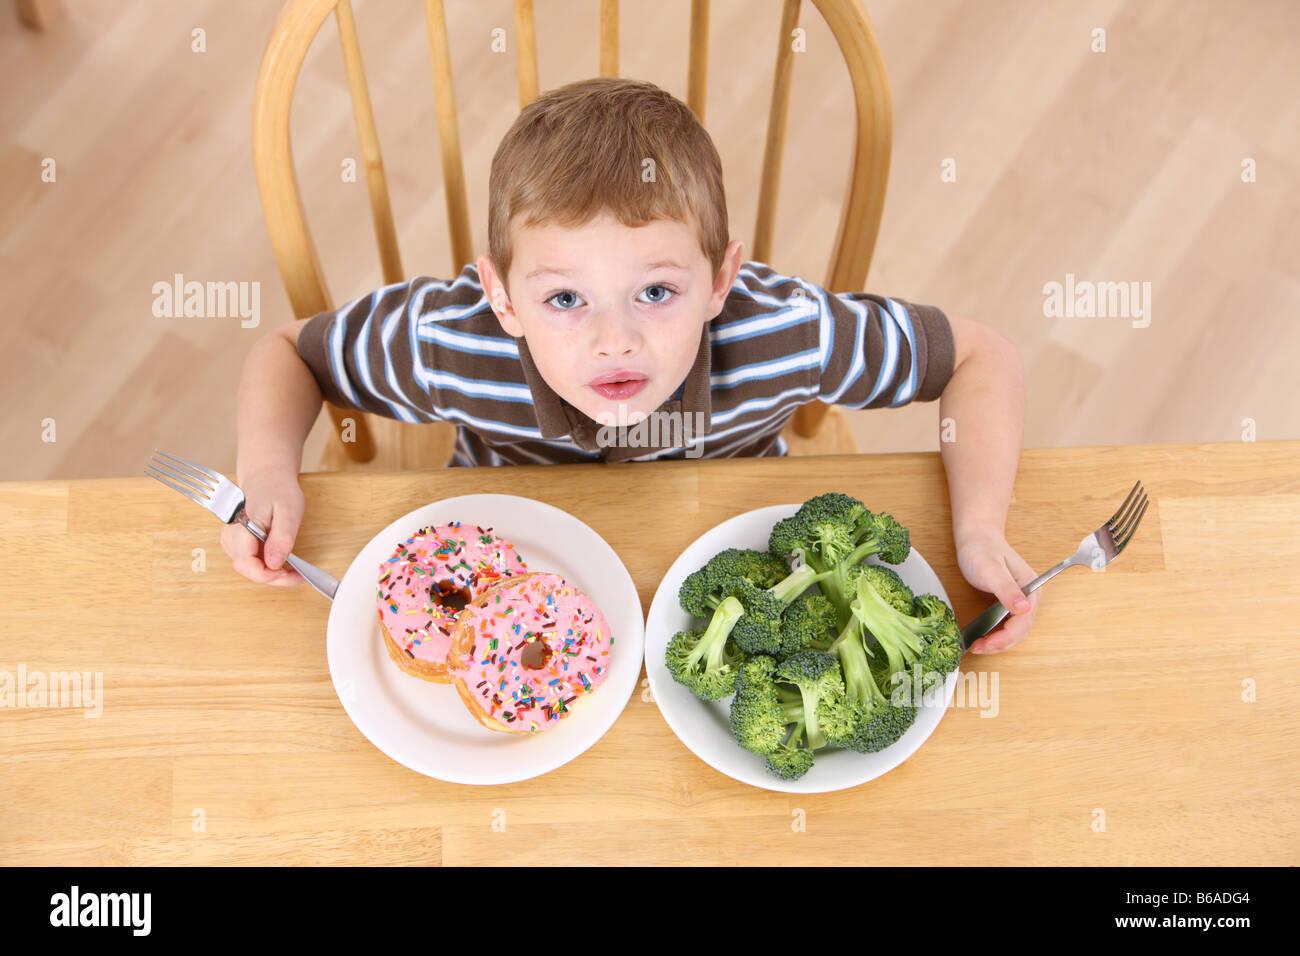 Joven con placas de brócoli y donuts Imagen De Stock